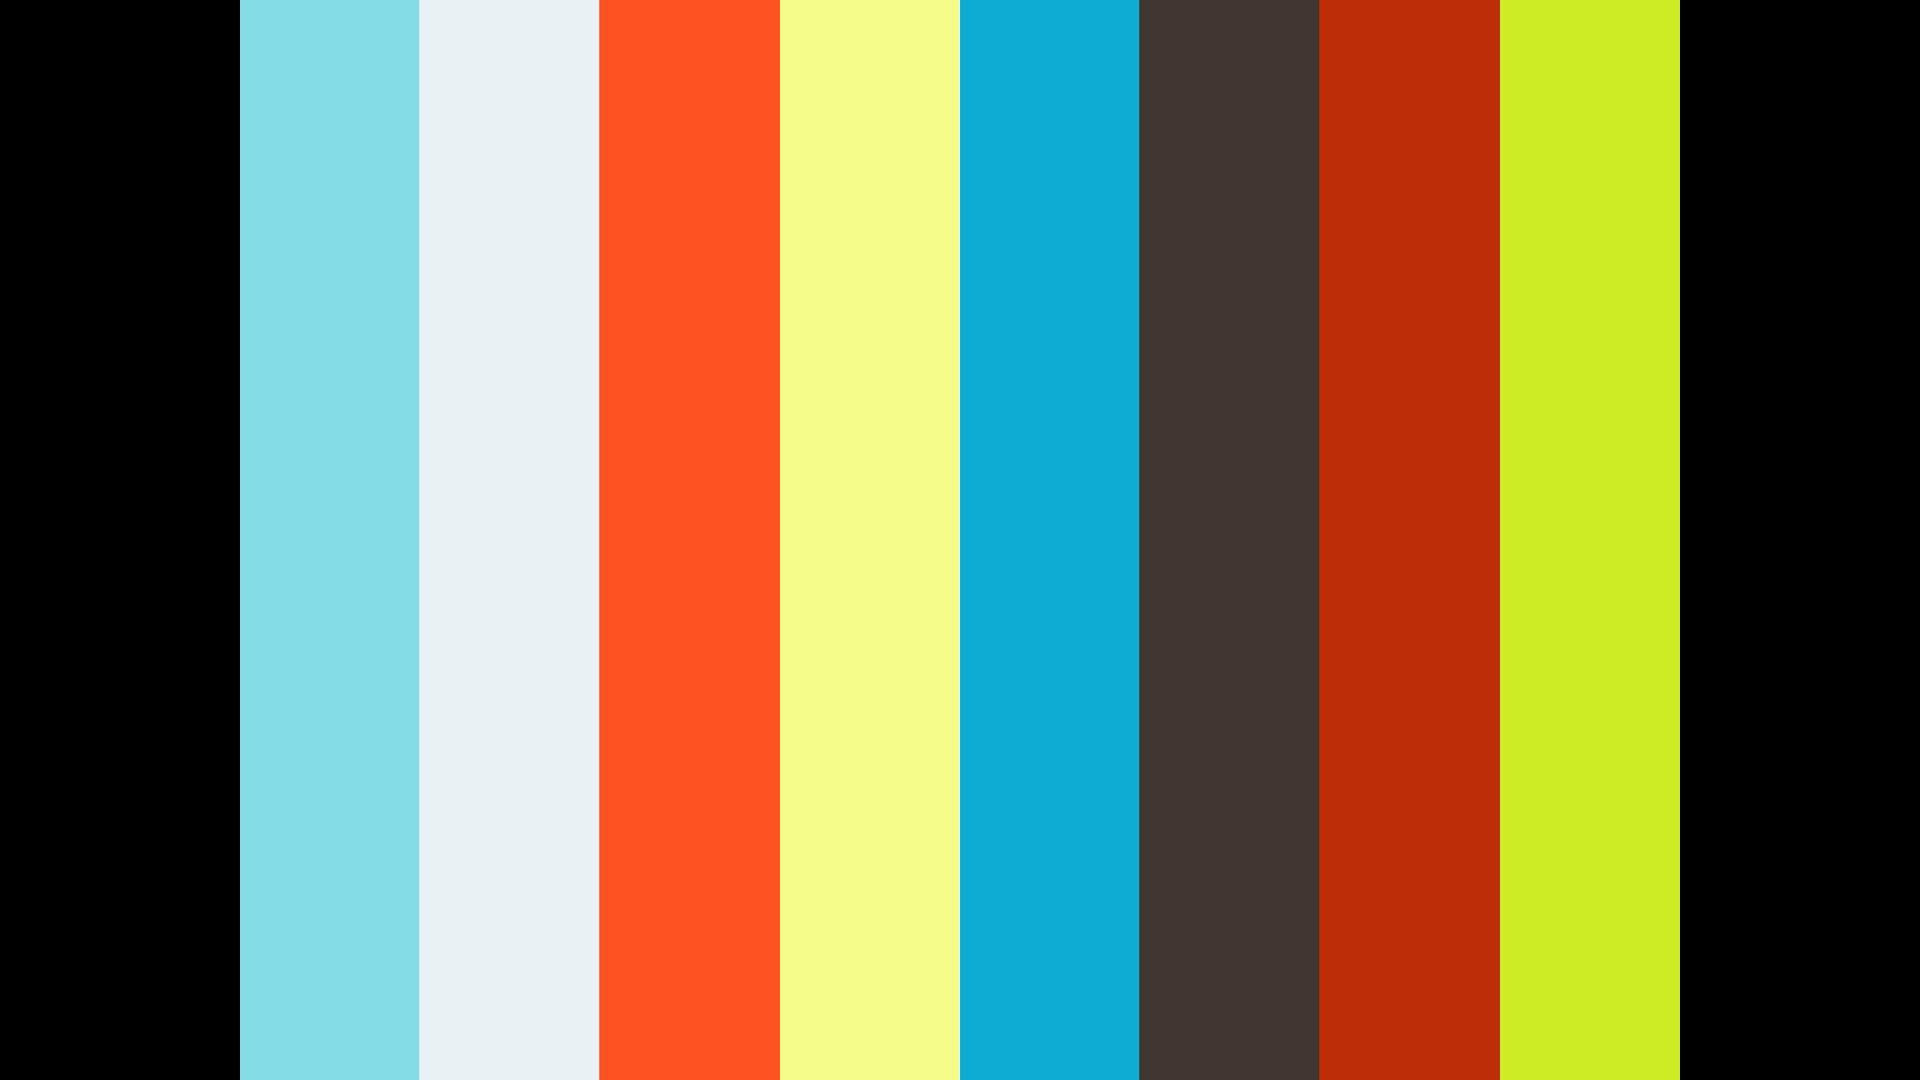 120515_cornell_02_intro_web